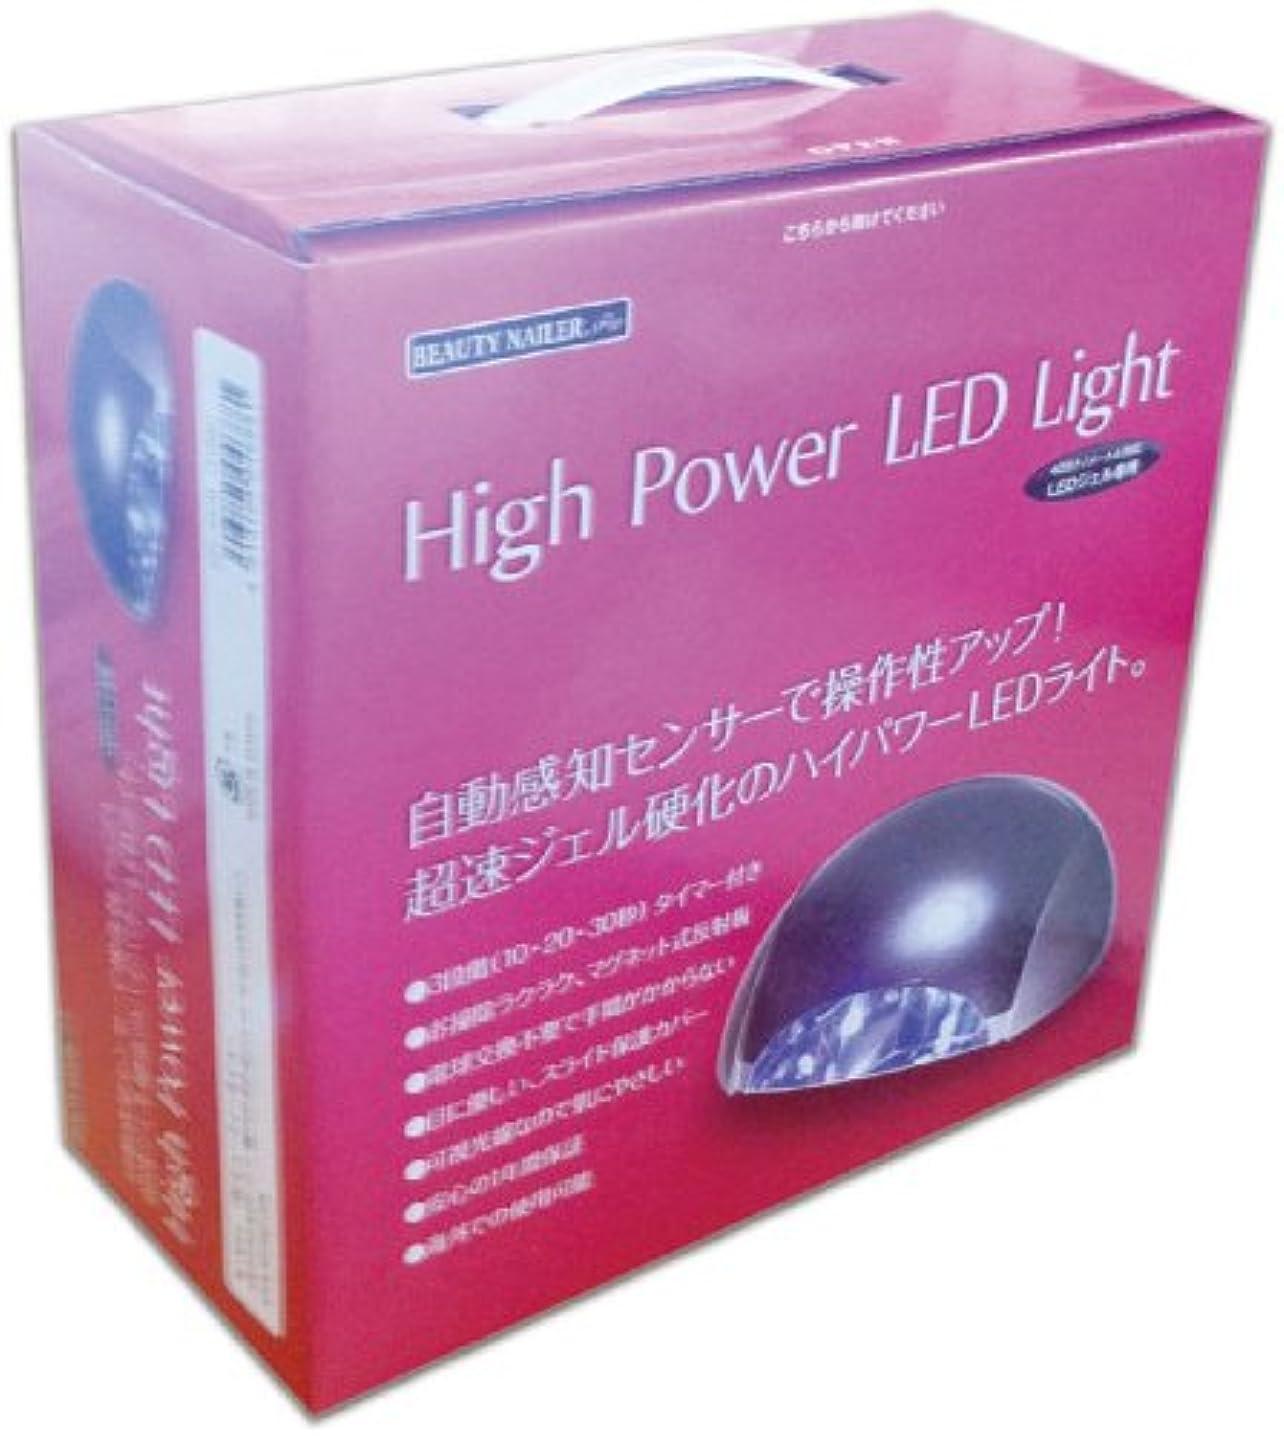 証書にやにや株式ビューティーネイラー ハイパワーLEDライト HPL-40GB パールブラック